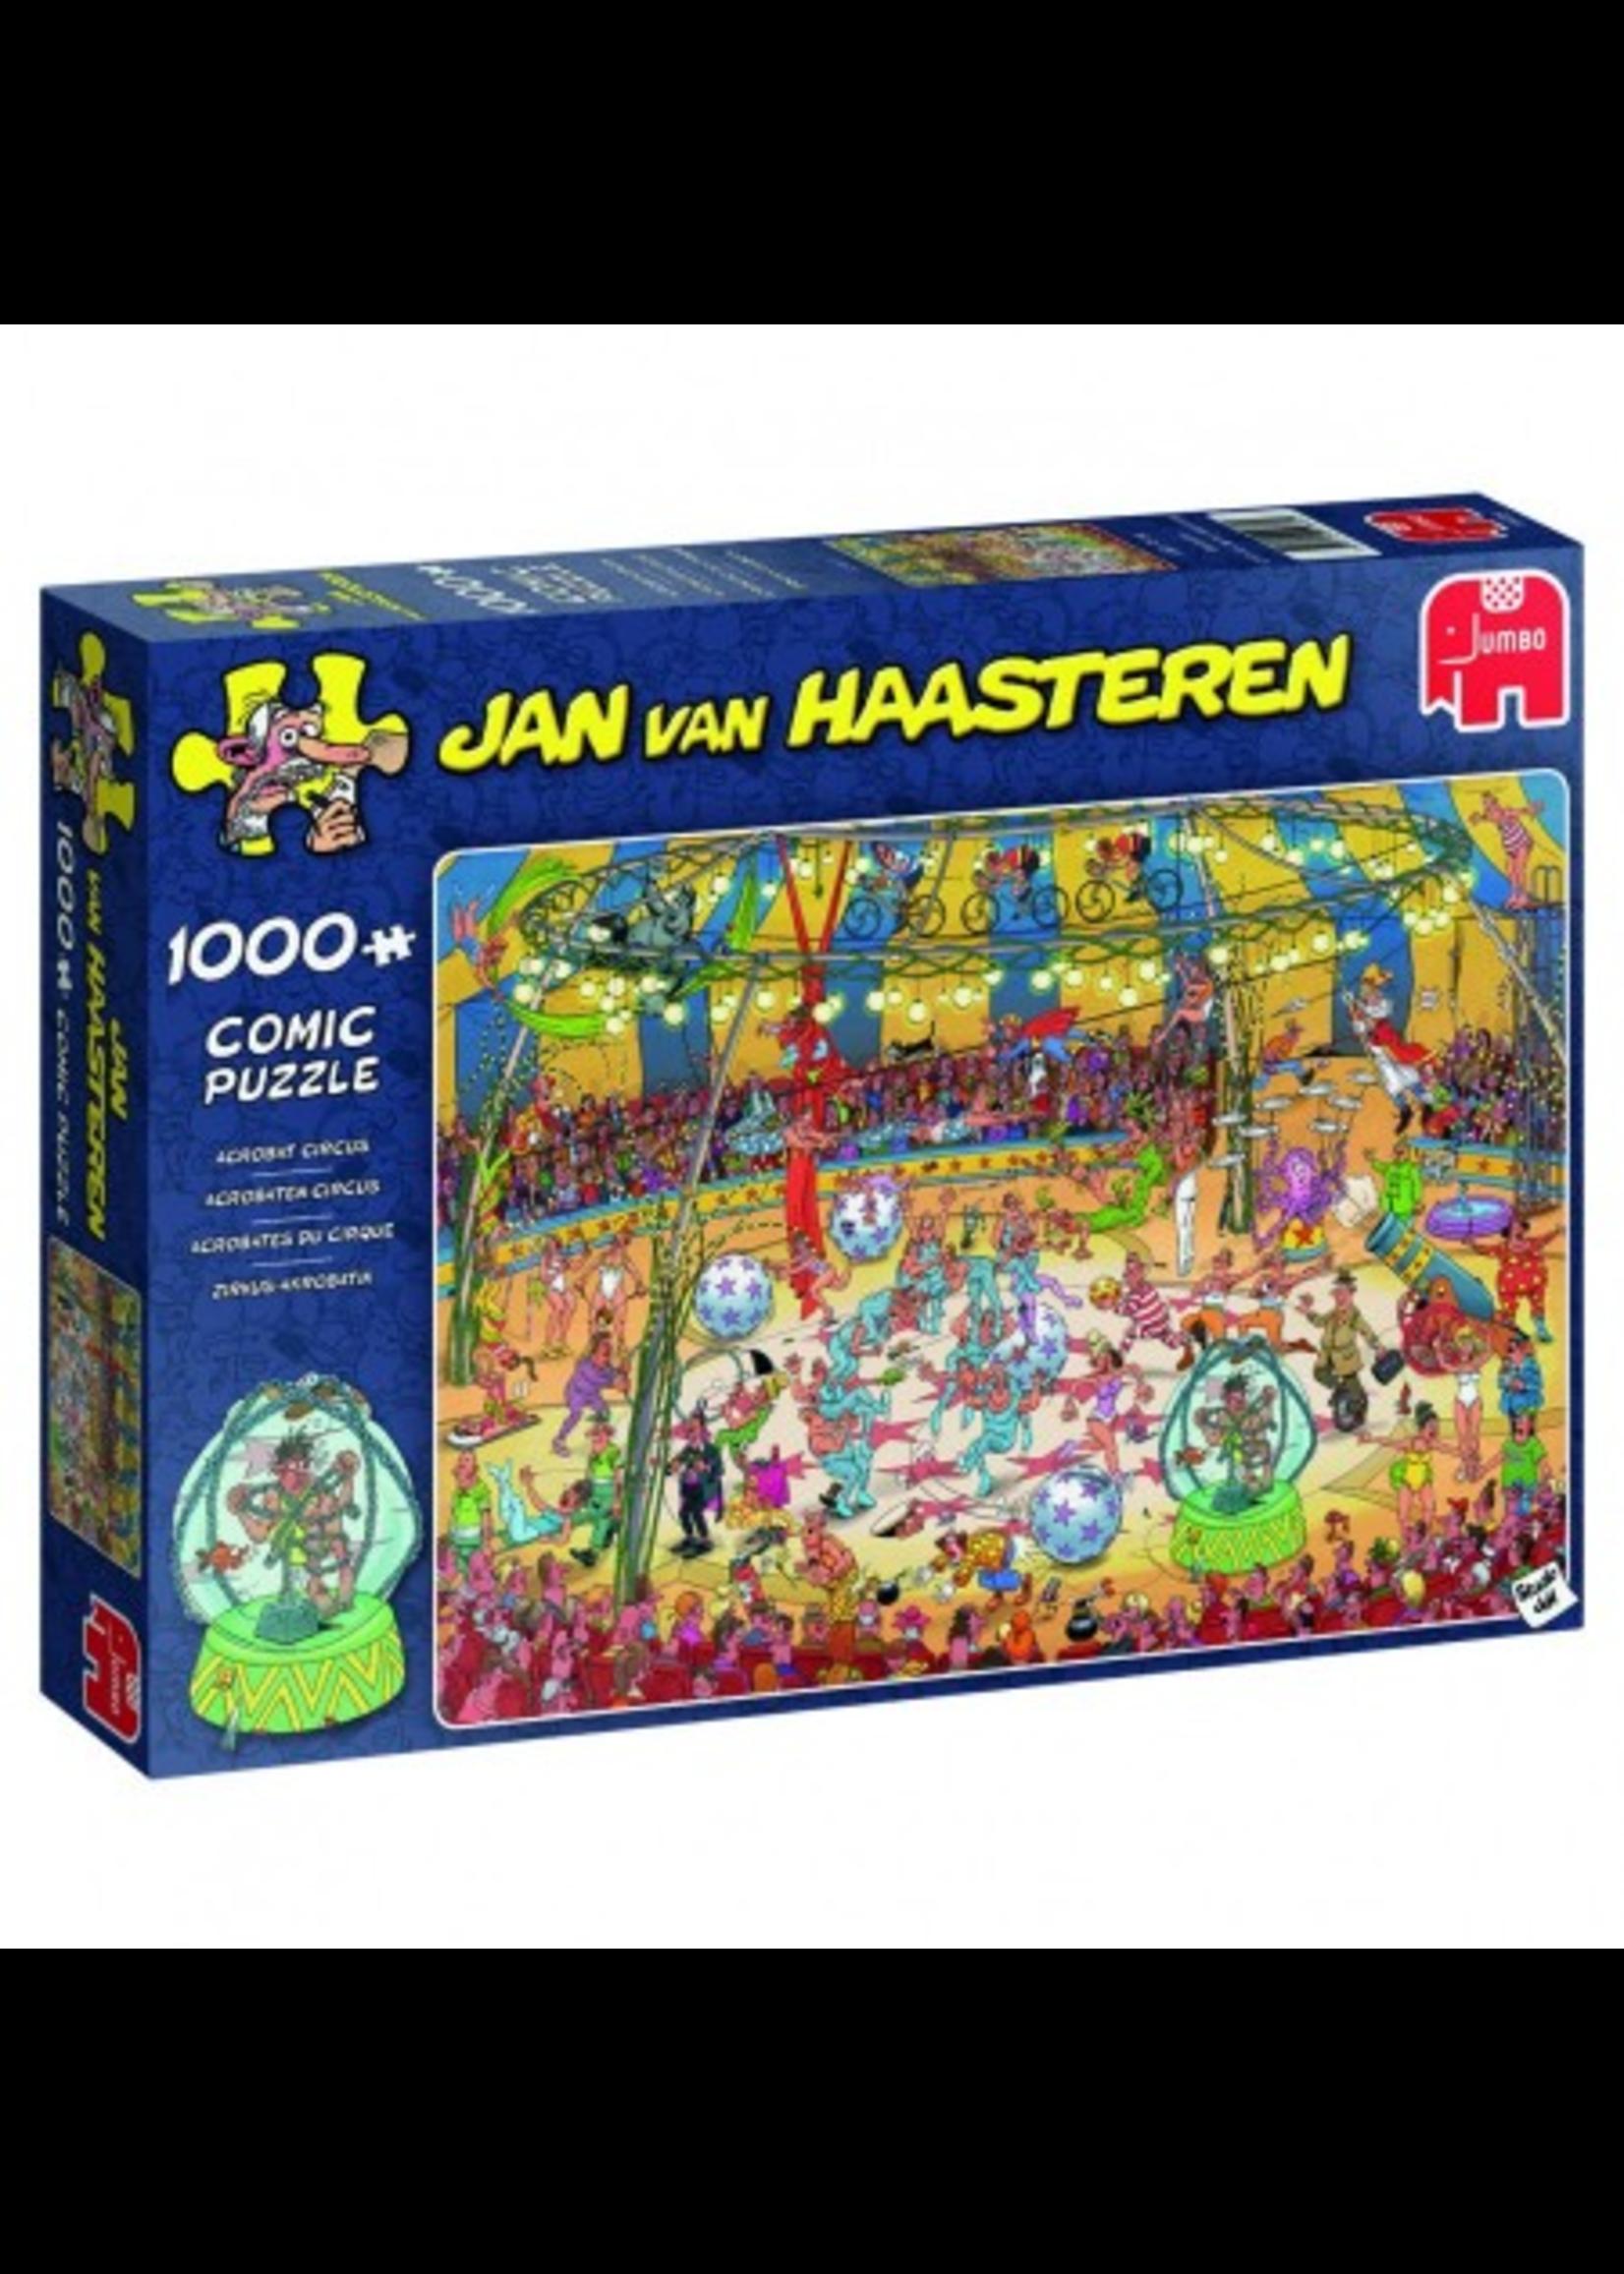 Acrobaten Circus - Jan van Haasteren (1000)